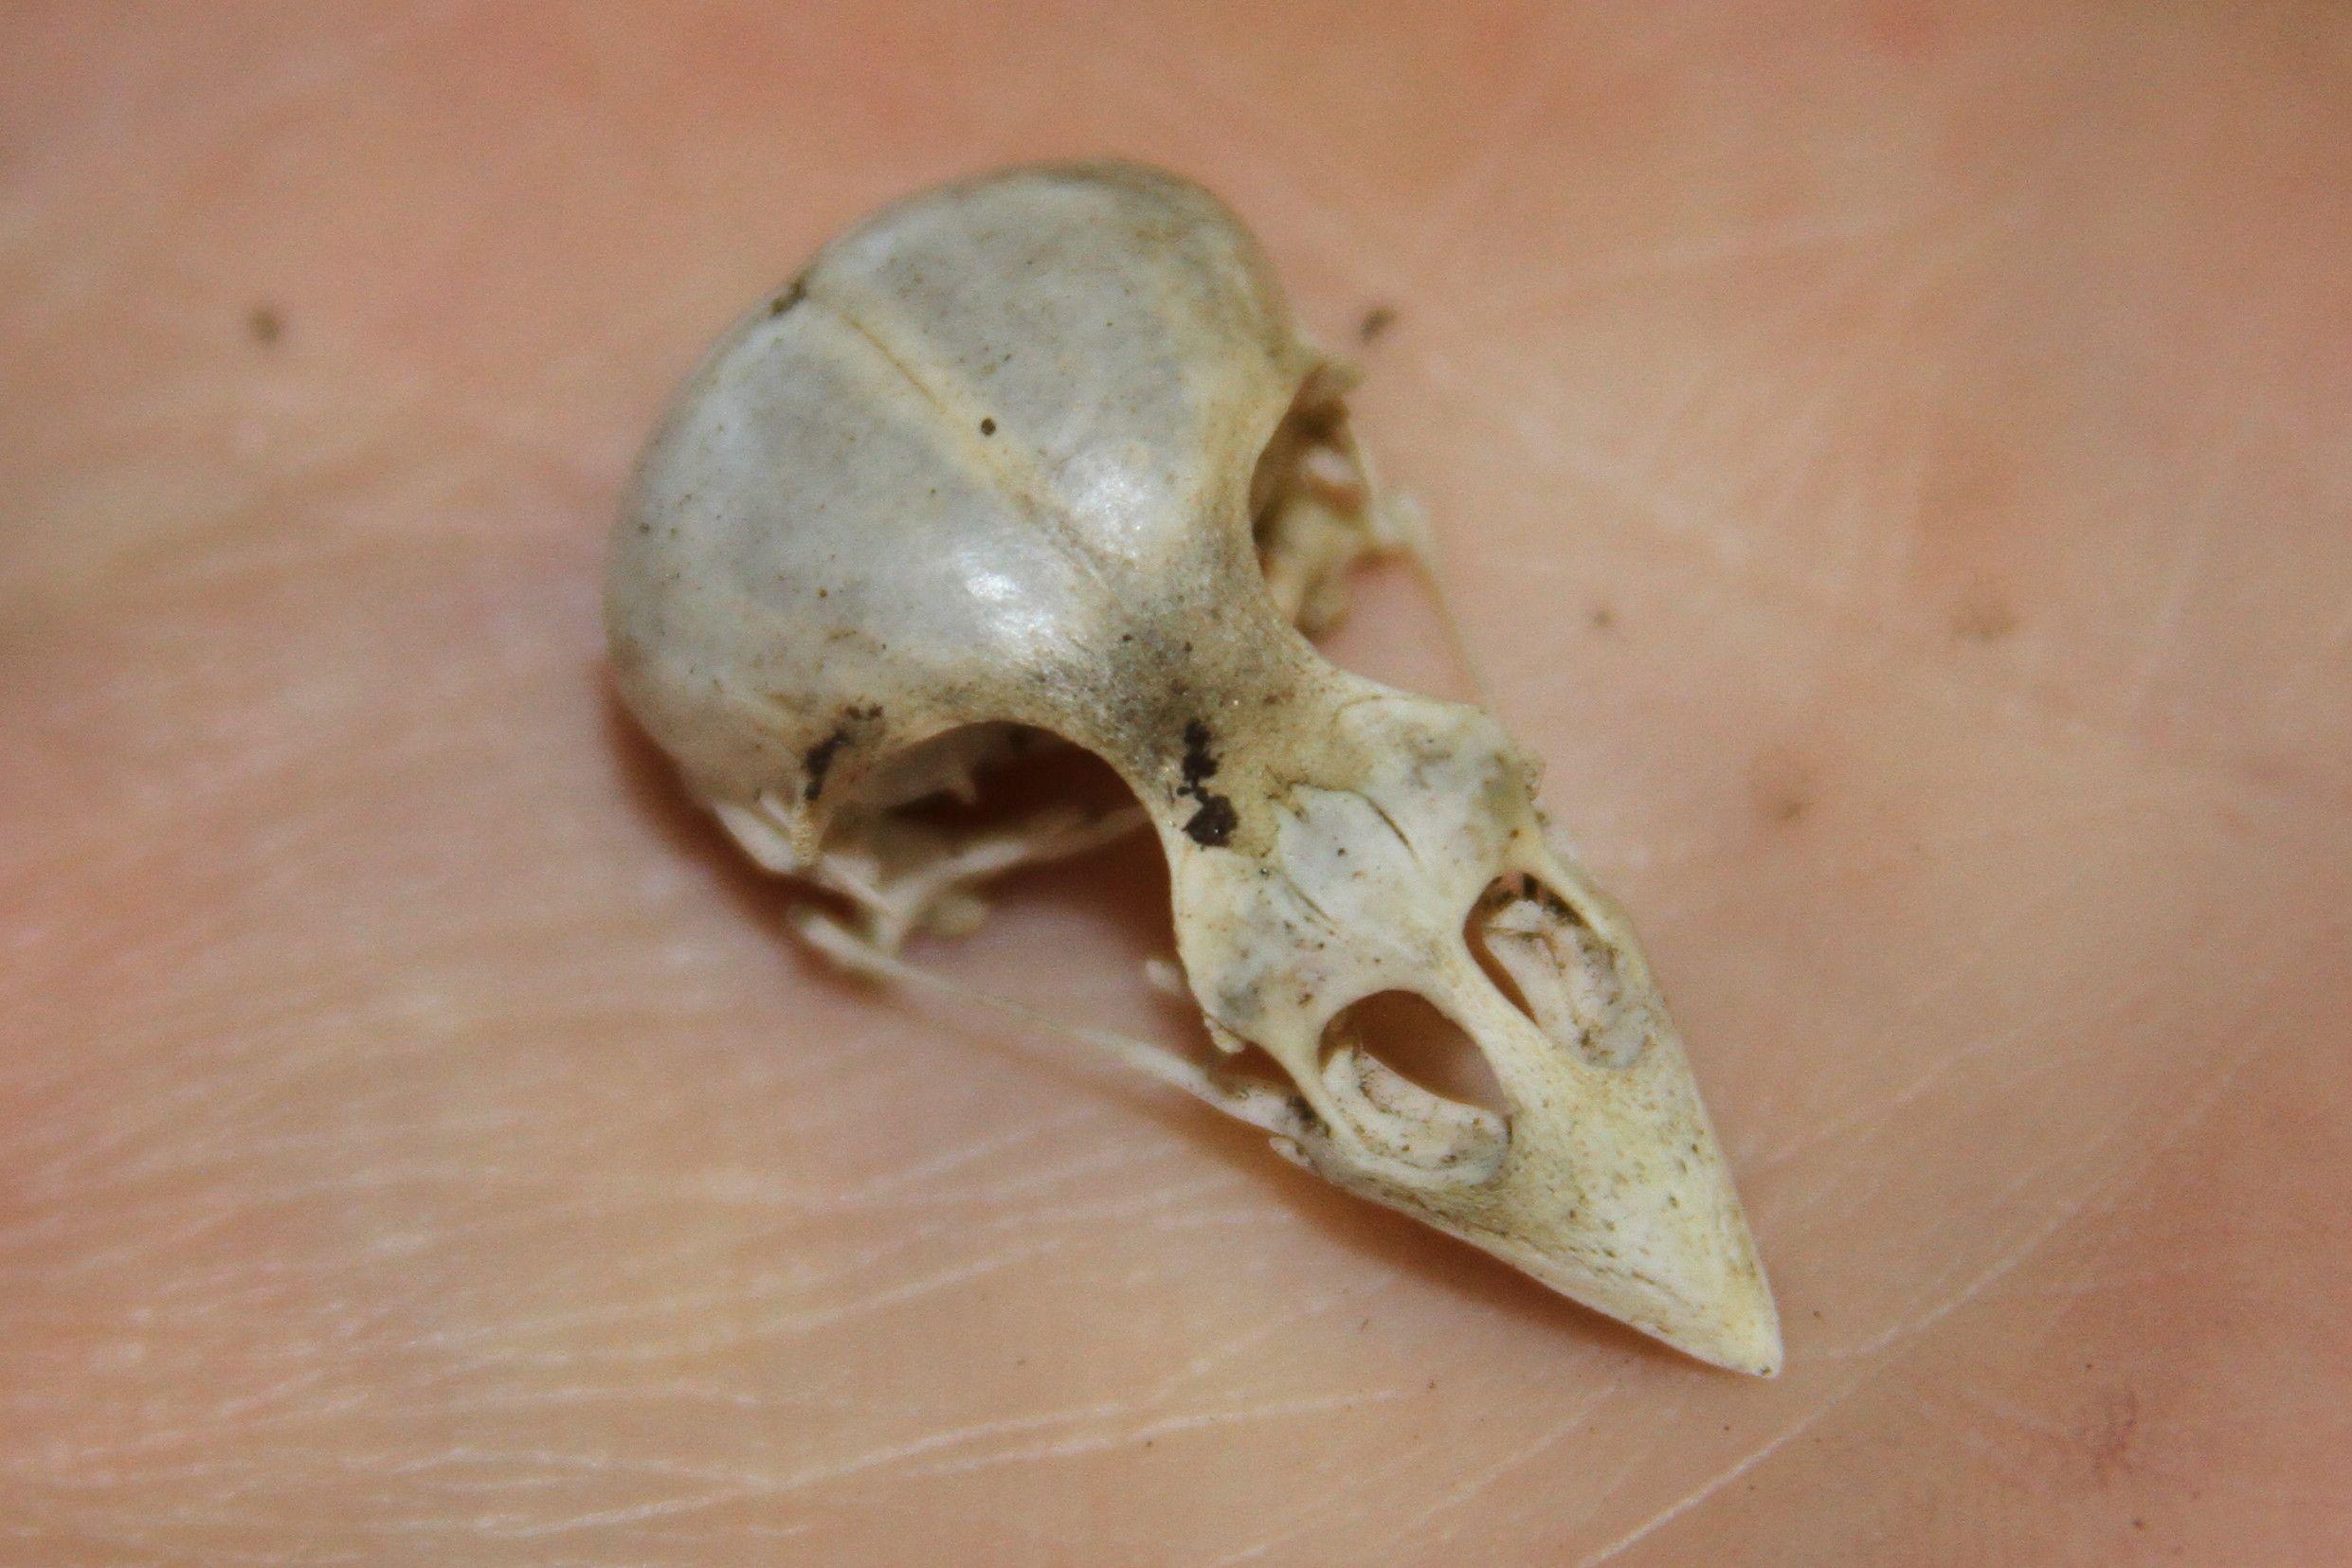 Unidentified Bird Skull - Found in Garden